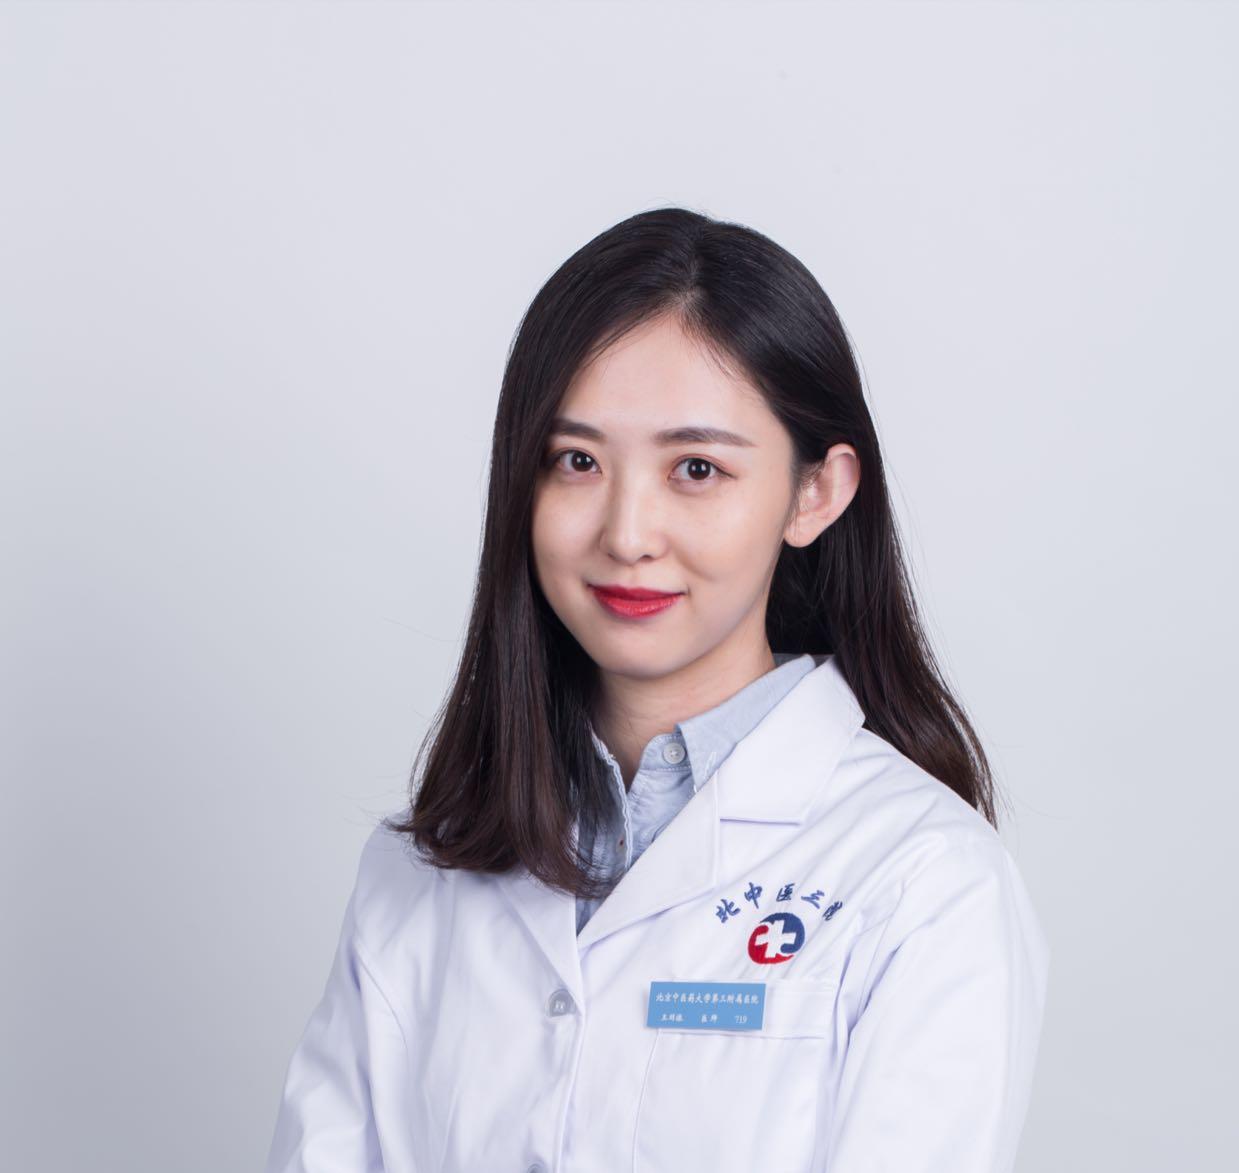 王羽侬医师